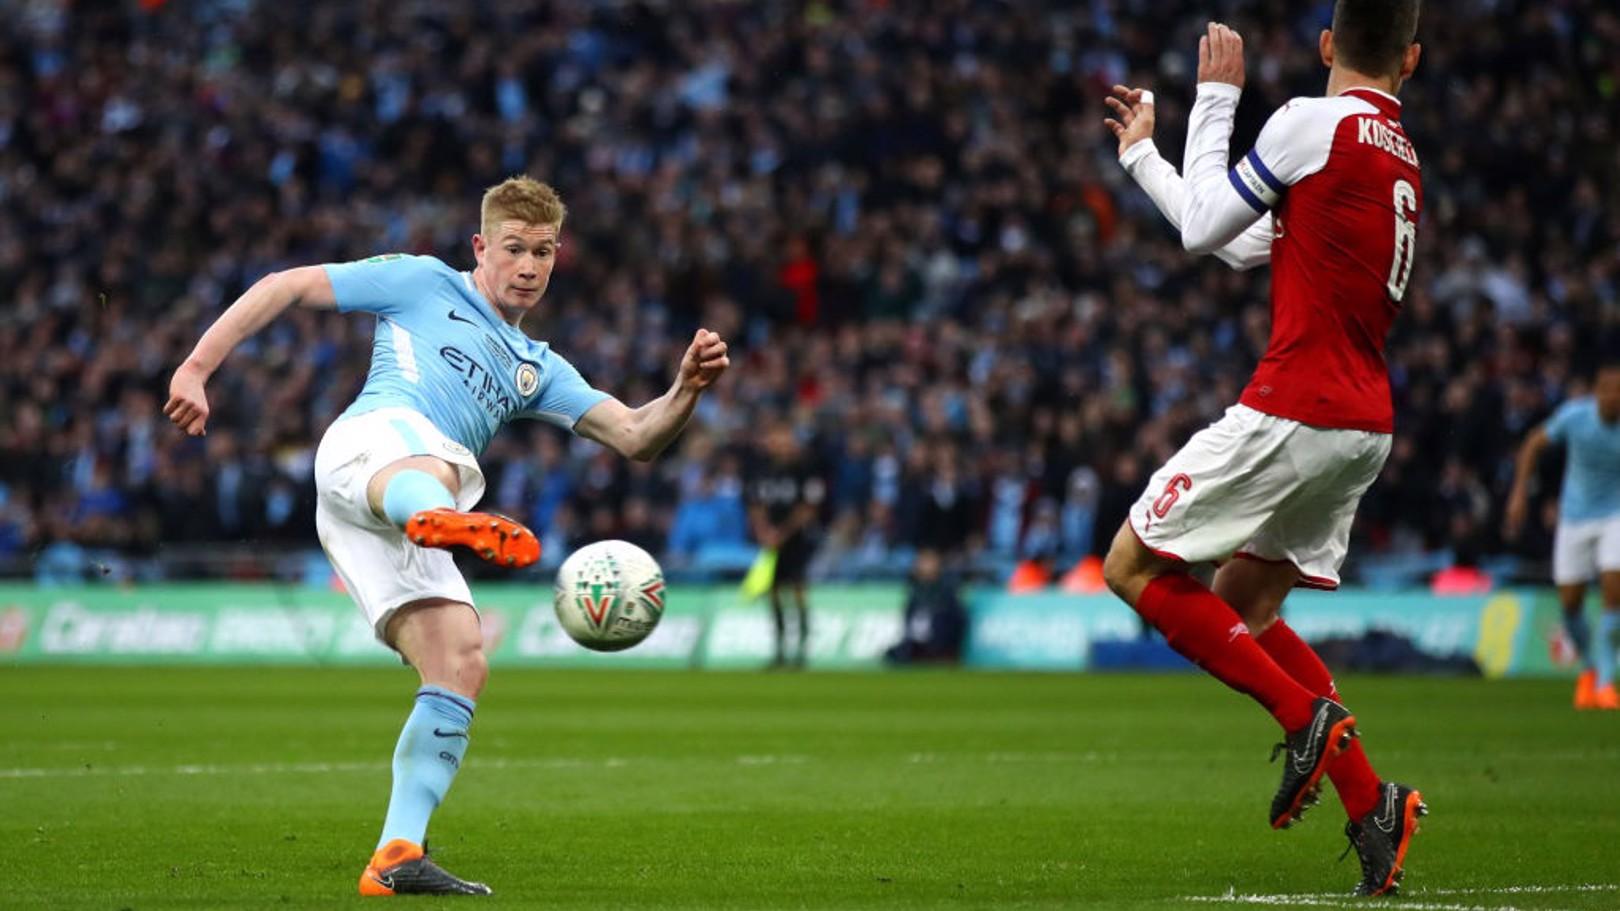 كيفين دي بروين ومحاولة على المرمى في الشوط الأول.